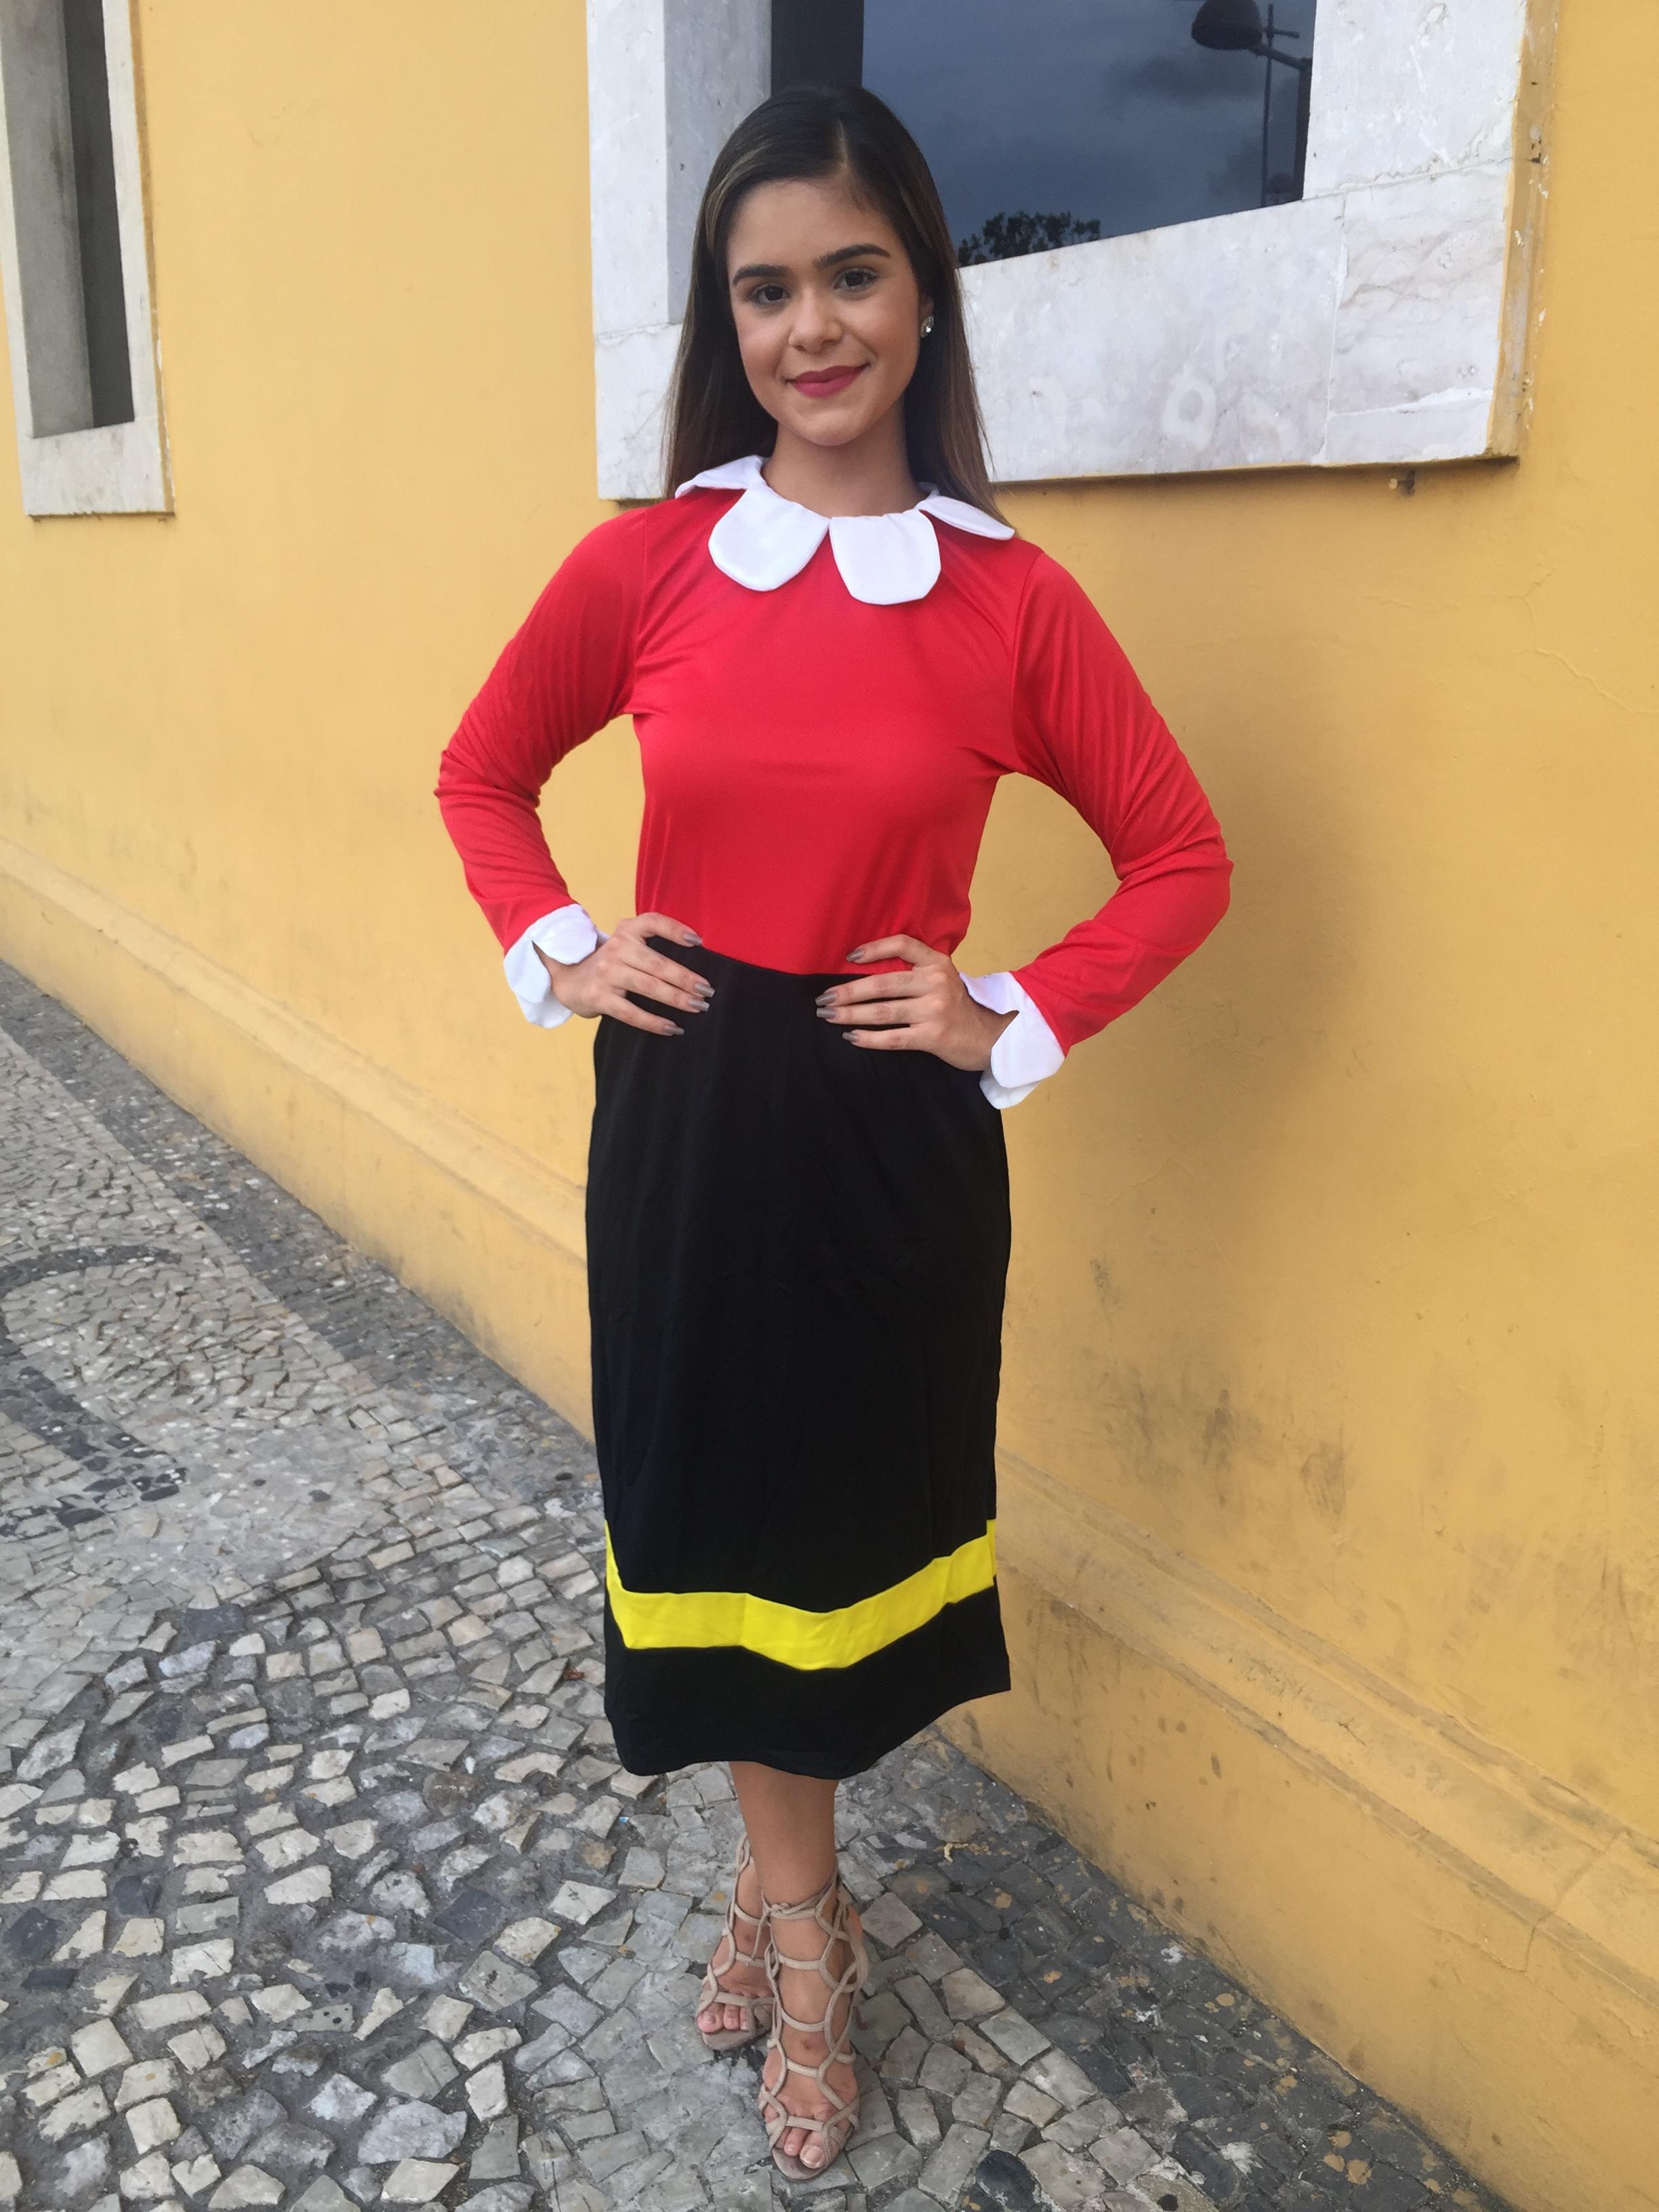 9f66547a6 Fantasia de Olivia disponível para venda ou aluguel na Loja Fantasias  Recife - Crédito: Thayse